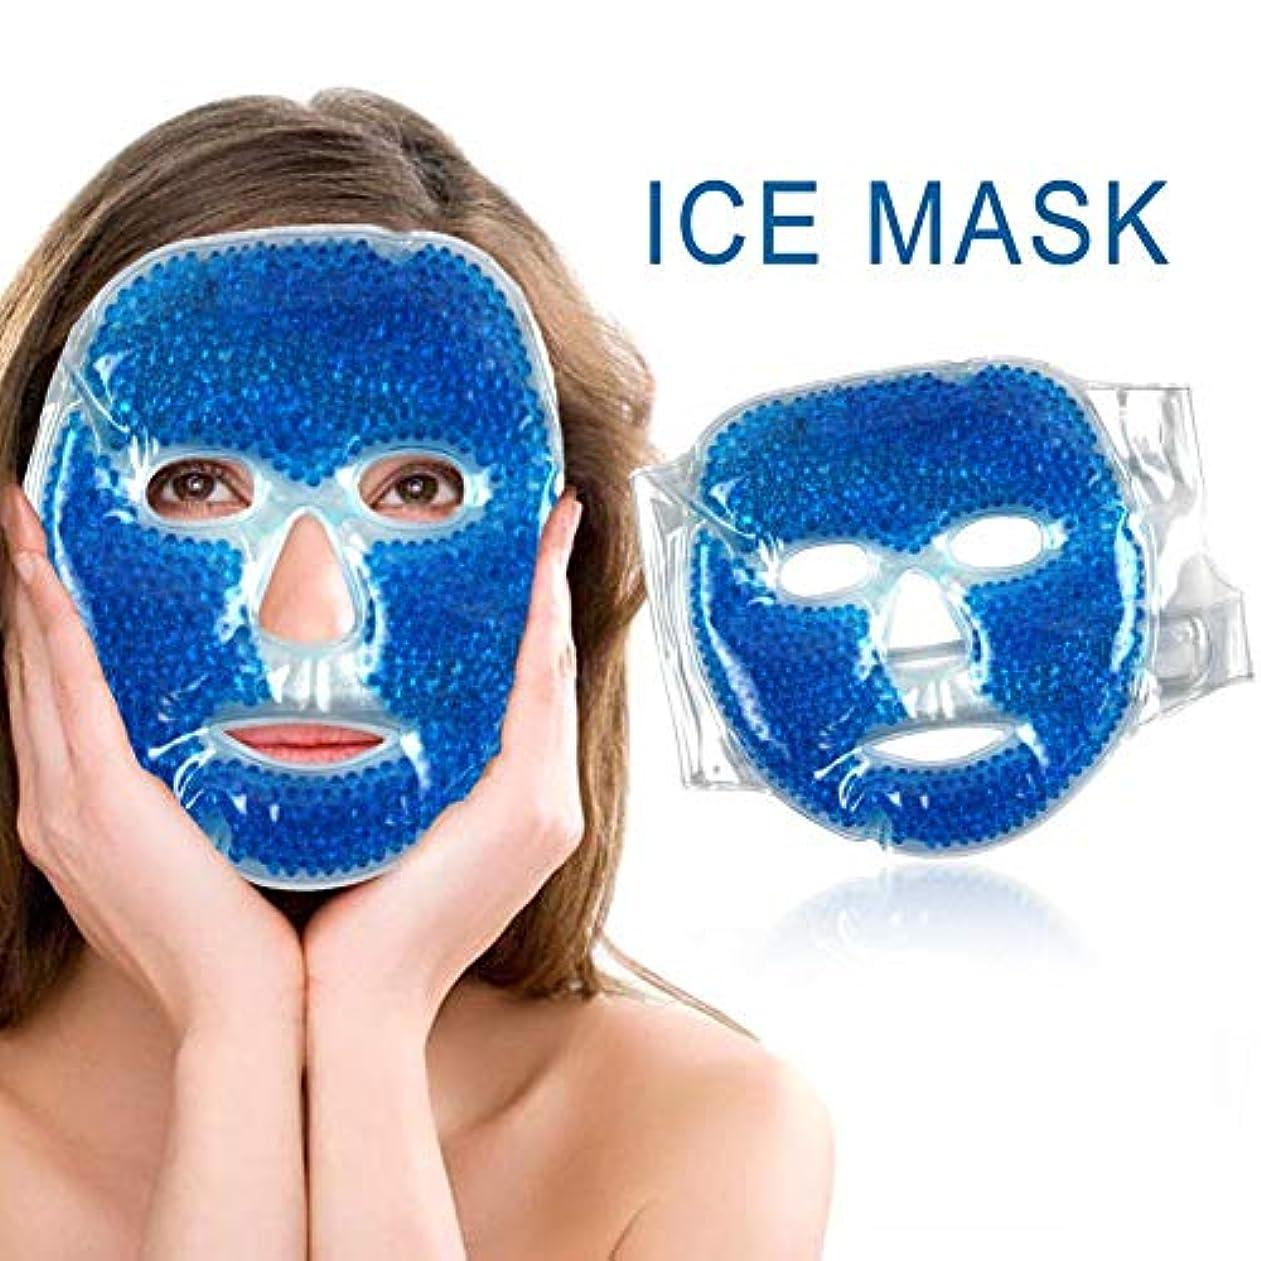 フェンスのりハンマーSILUN フェイスマスク 冷温兼用 アイスマスク 美容用 再利用可能 毛細血管収縮 疲労緩和 肌ケア 保湿 吸収しやすい 美容マッサージ